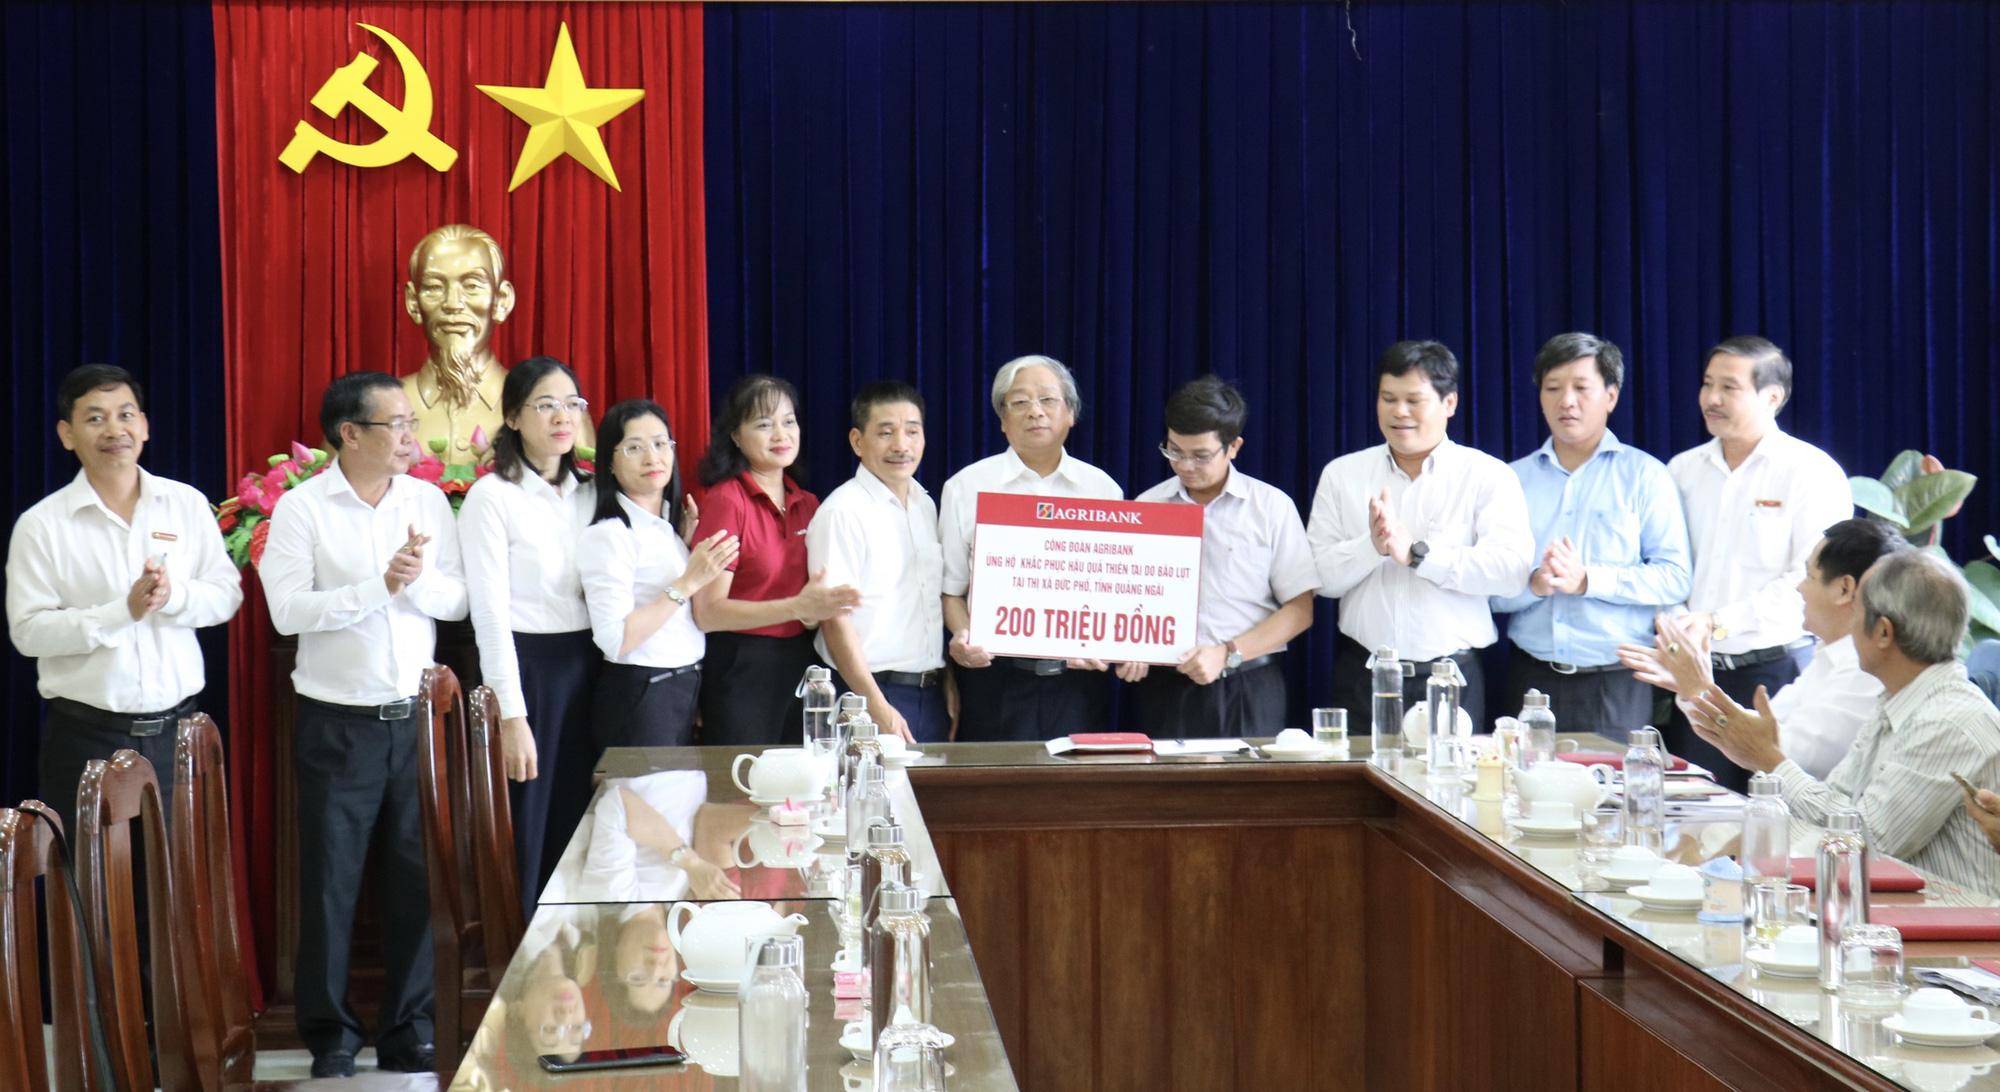 Agribank tiếp tục ủng hộ 1,3 tỷ đồng cho người dân Quảng Ngãi khắc phục hậu quả bão lũ - Ảnh 1.